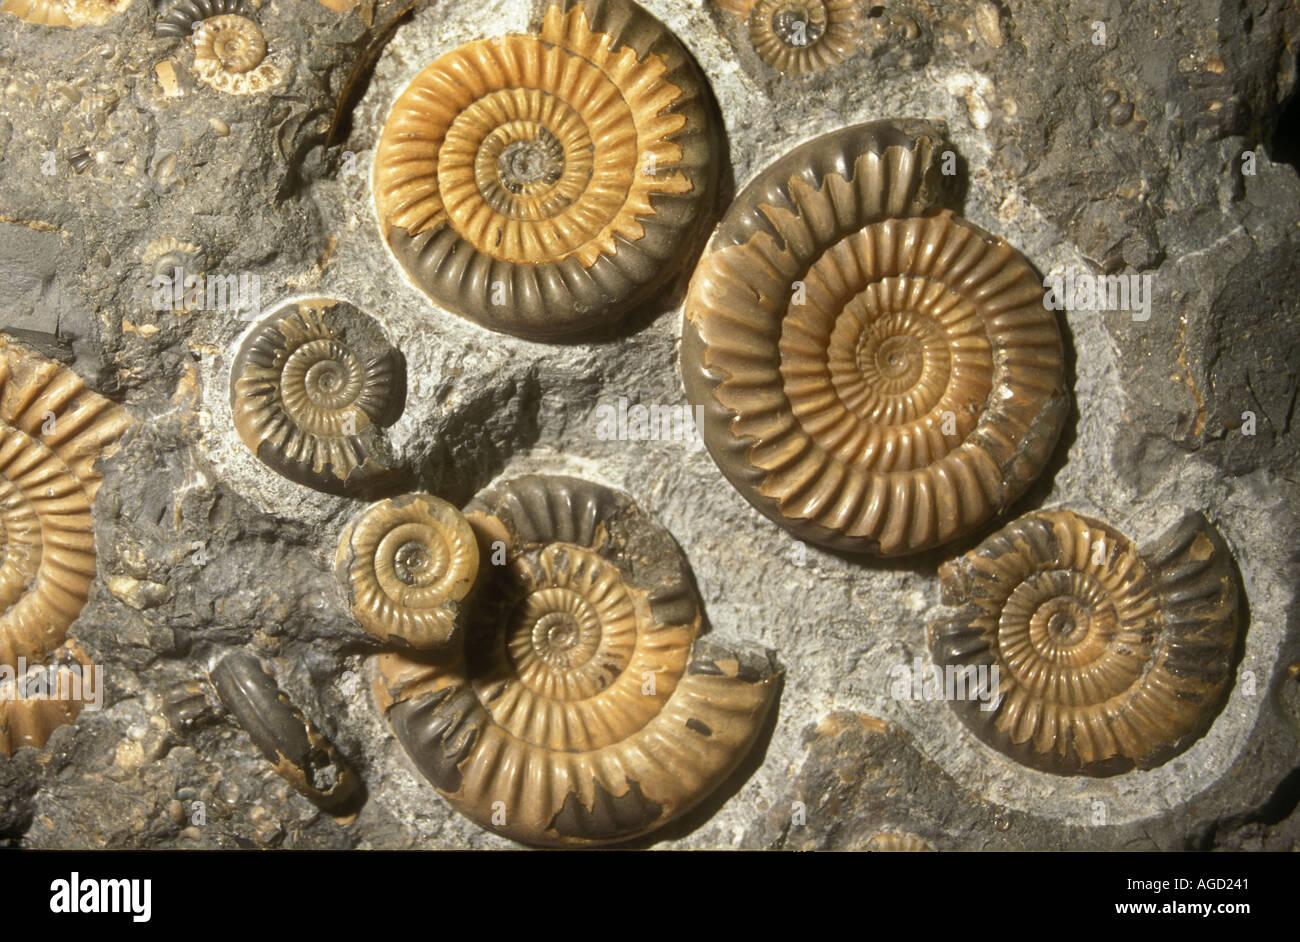 Promicroceras planicosta fossiles d'ammonites Jurassique précoce Angleterre 188 à 184 millions d'années Banque D'Images